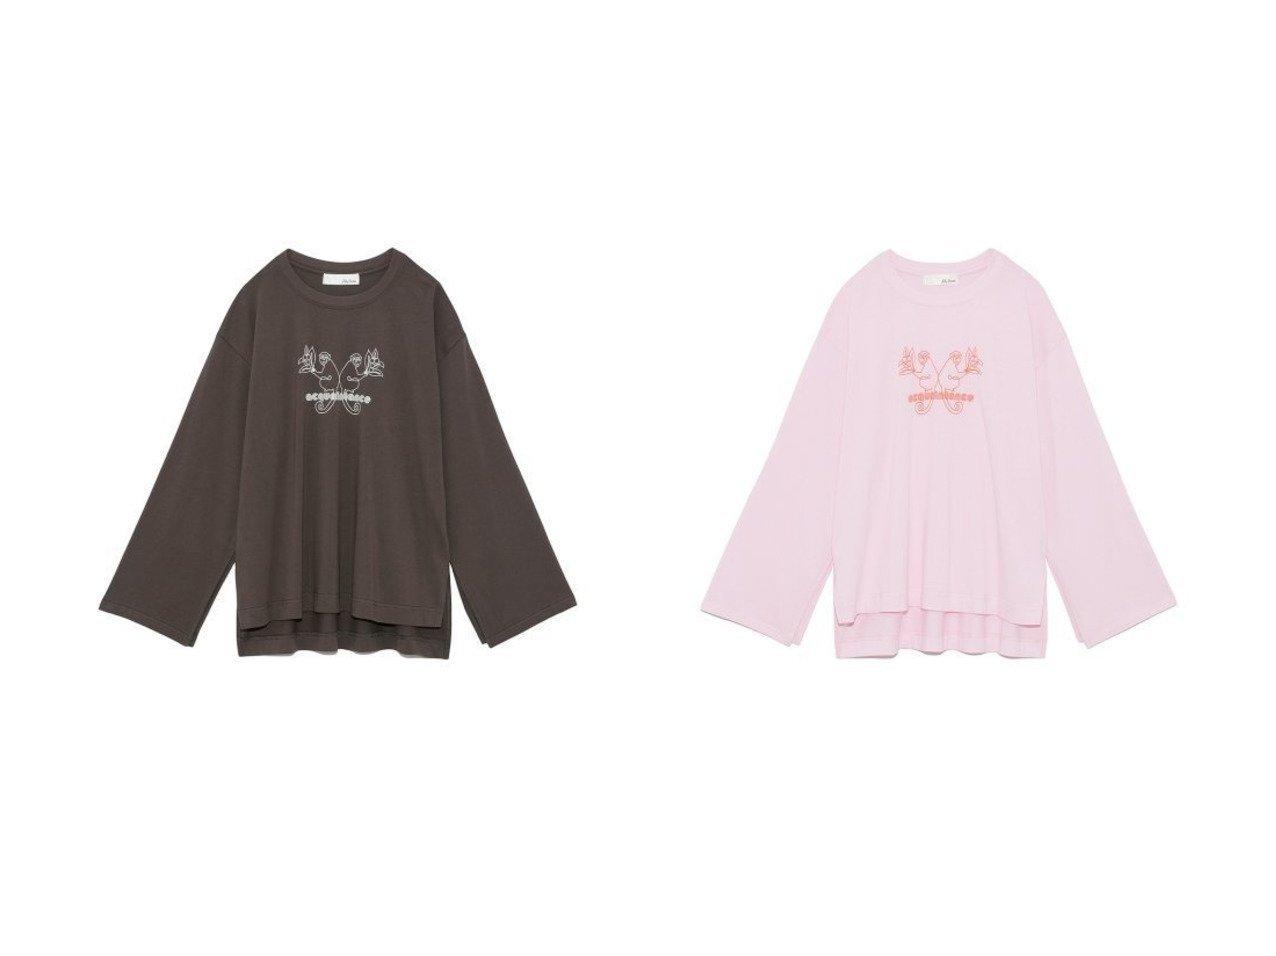 【Lily Brown/リリーブラウン】のモンキーロゴTシャツ Lily Brownのおすすめ!人気、トレンド・レディースファッションの通販 おすすめで人気の流行・トレンド、ファッションの通販商品 メンズファッション・キッズファッション・インテリア・家具・レディースファッション・服の通販 founy(ファニー) https://founy.com/ ファッション Fashion レディースファッション WOMEN トップス Tops Tshirt シャツ/ブラウス Shirts Blouses ロング / Tシャツ T-Shirts カットソー Cut and Sewn イラスト インナー カットソー スマート スリット スリーブ フロント  ID:crp329100000019642